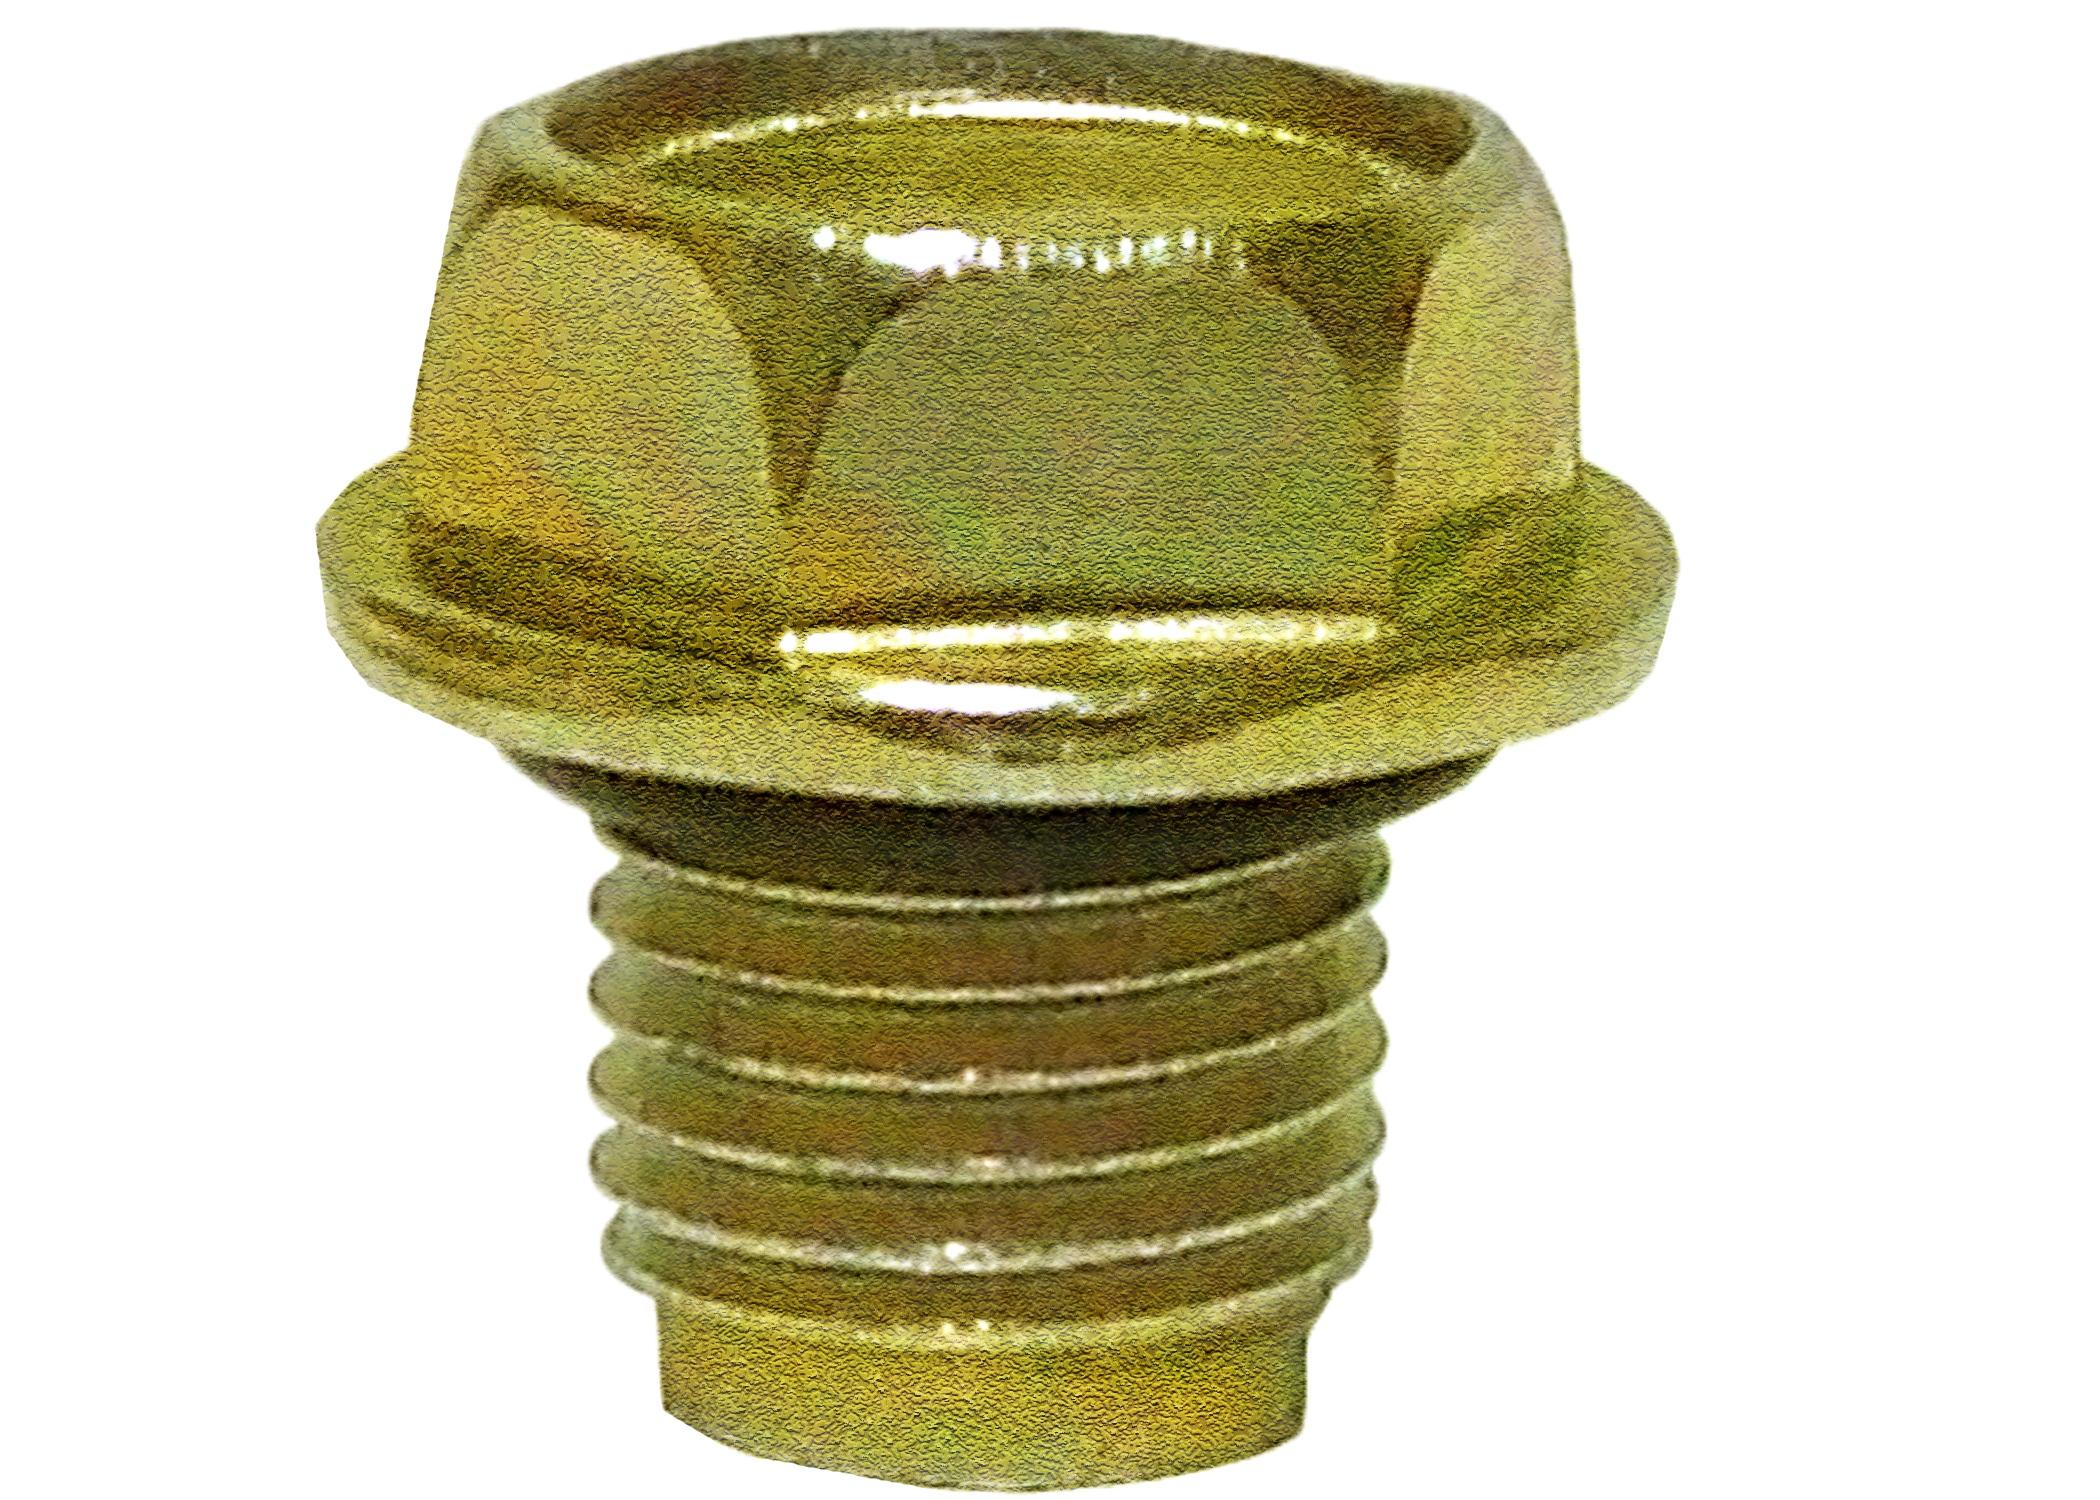 ACDELCO OE SERVICE CANADA - A/C Compressor Oil Drain Plug - DCG 15-21507